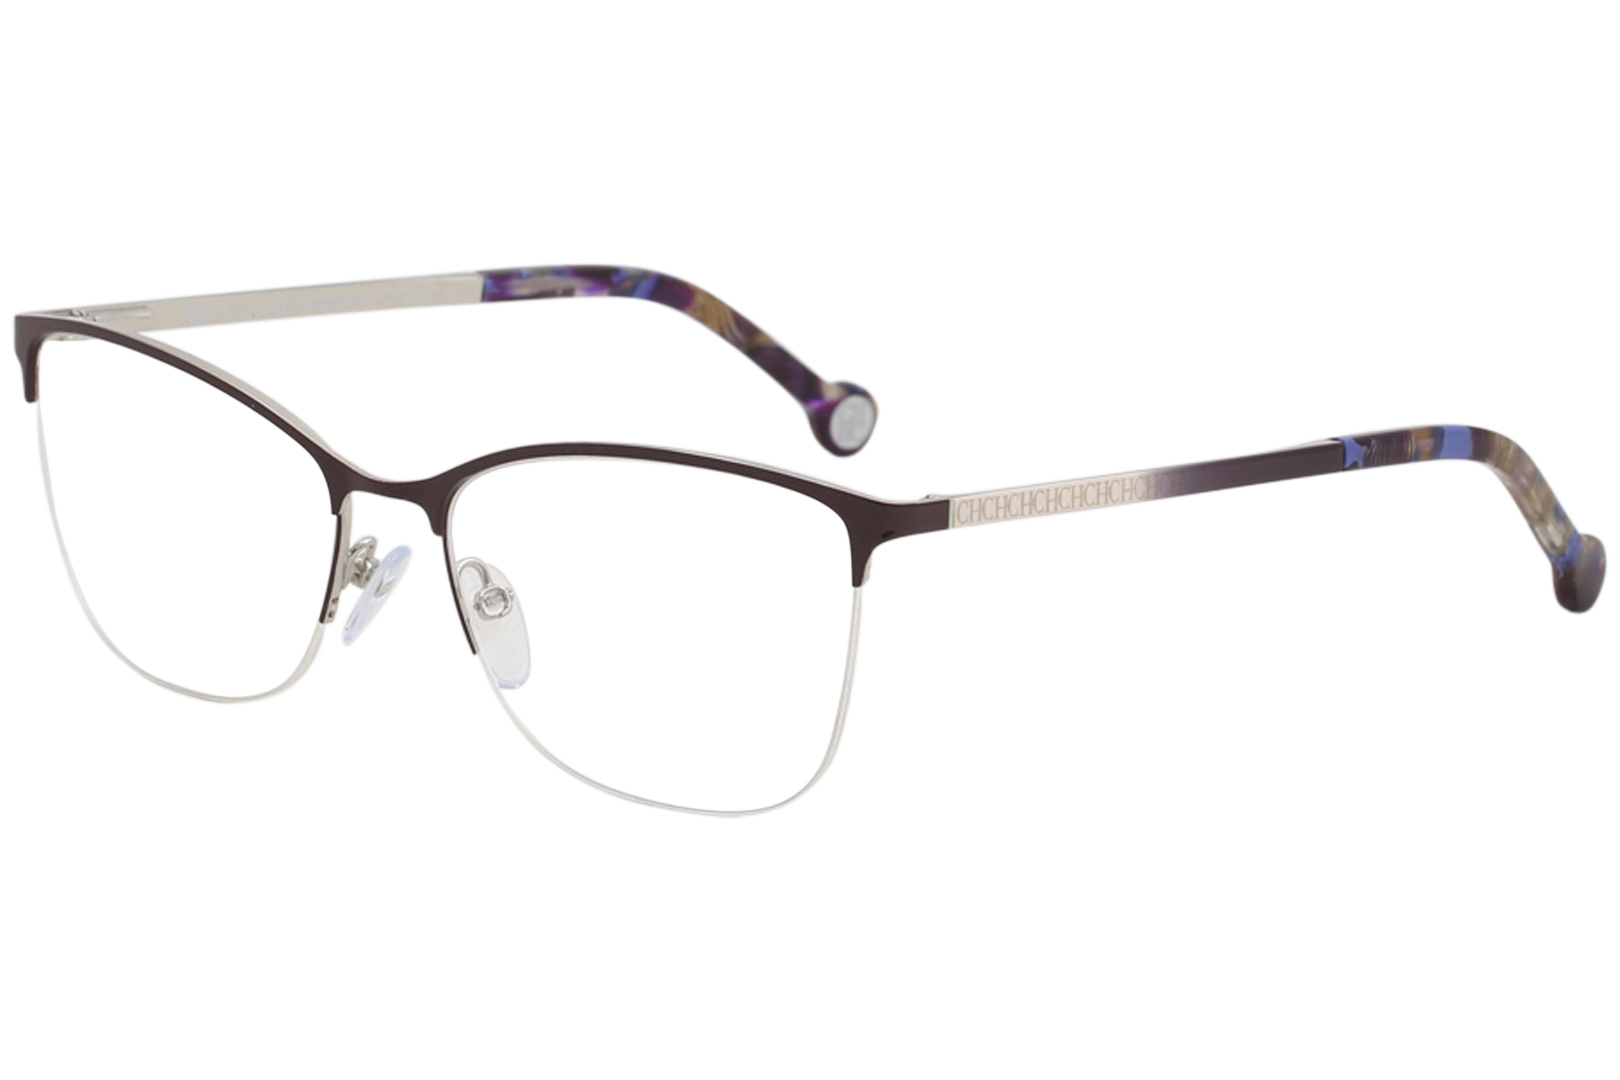 438446bcbf32 CH Carolina Herrera Eyeglasses VHE108K VHE/108K 0SDA Burgundy ...